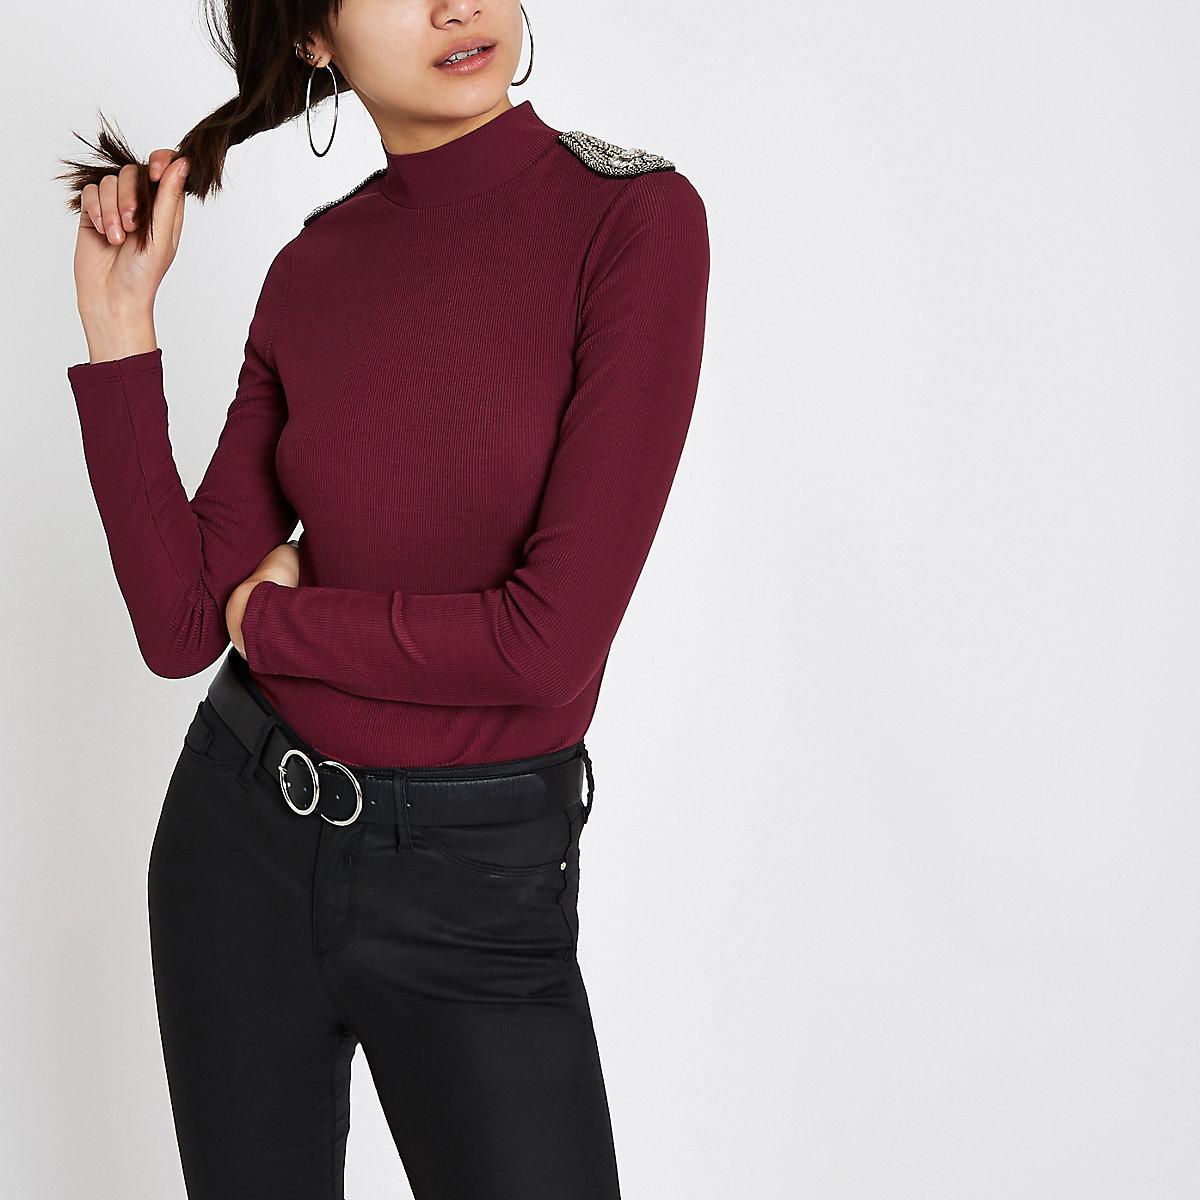 Burgundy rhinestone embellished shoulder top